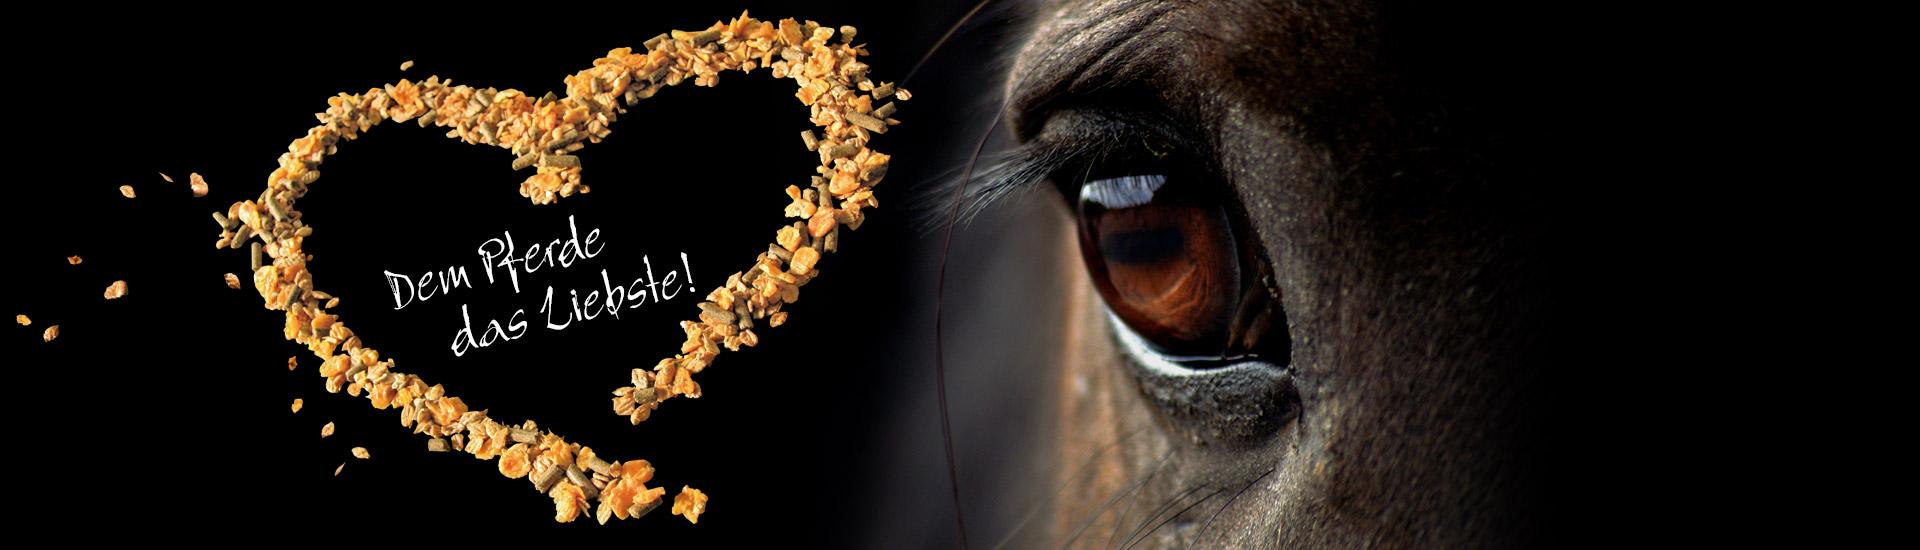 Höveler Pferdefutter - Dem Pferde das Liebste